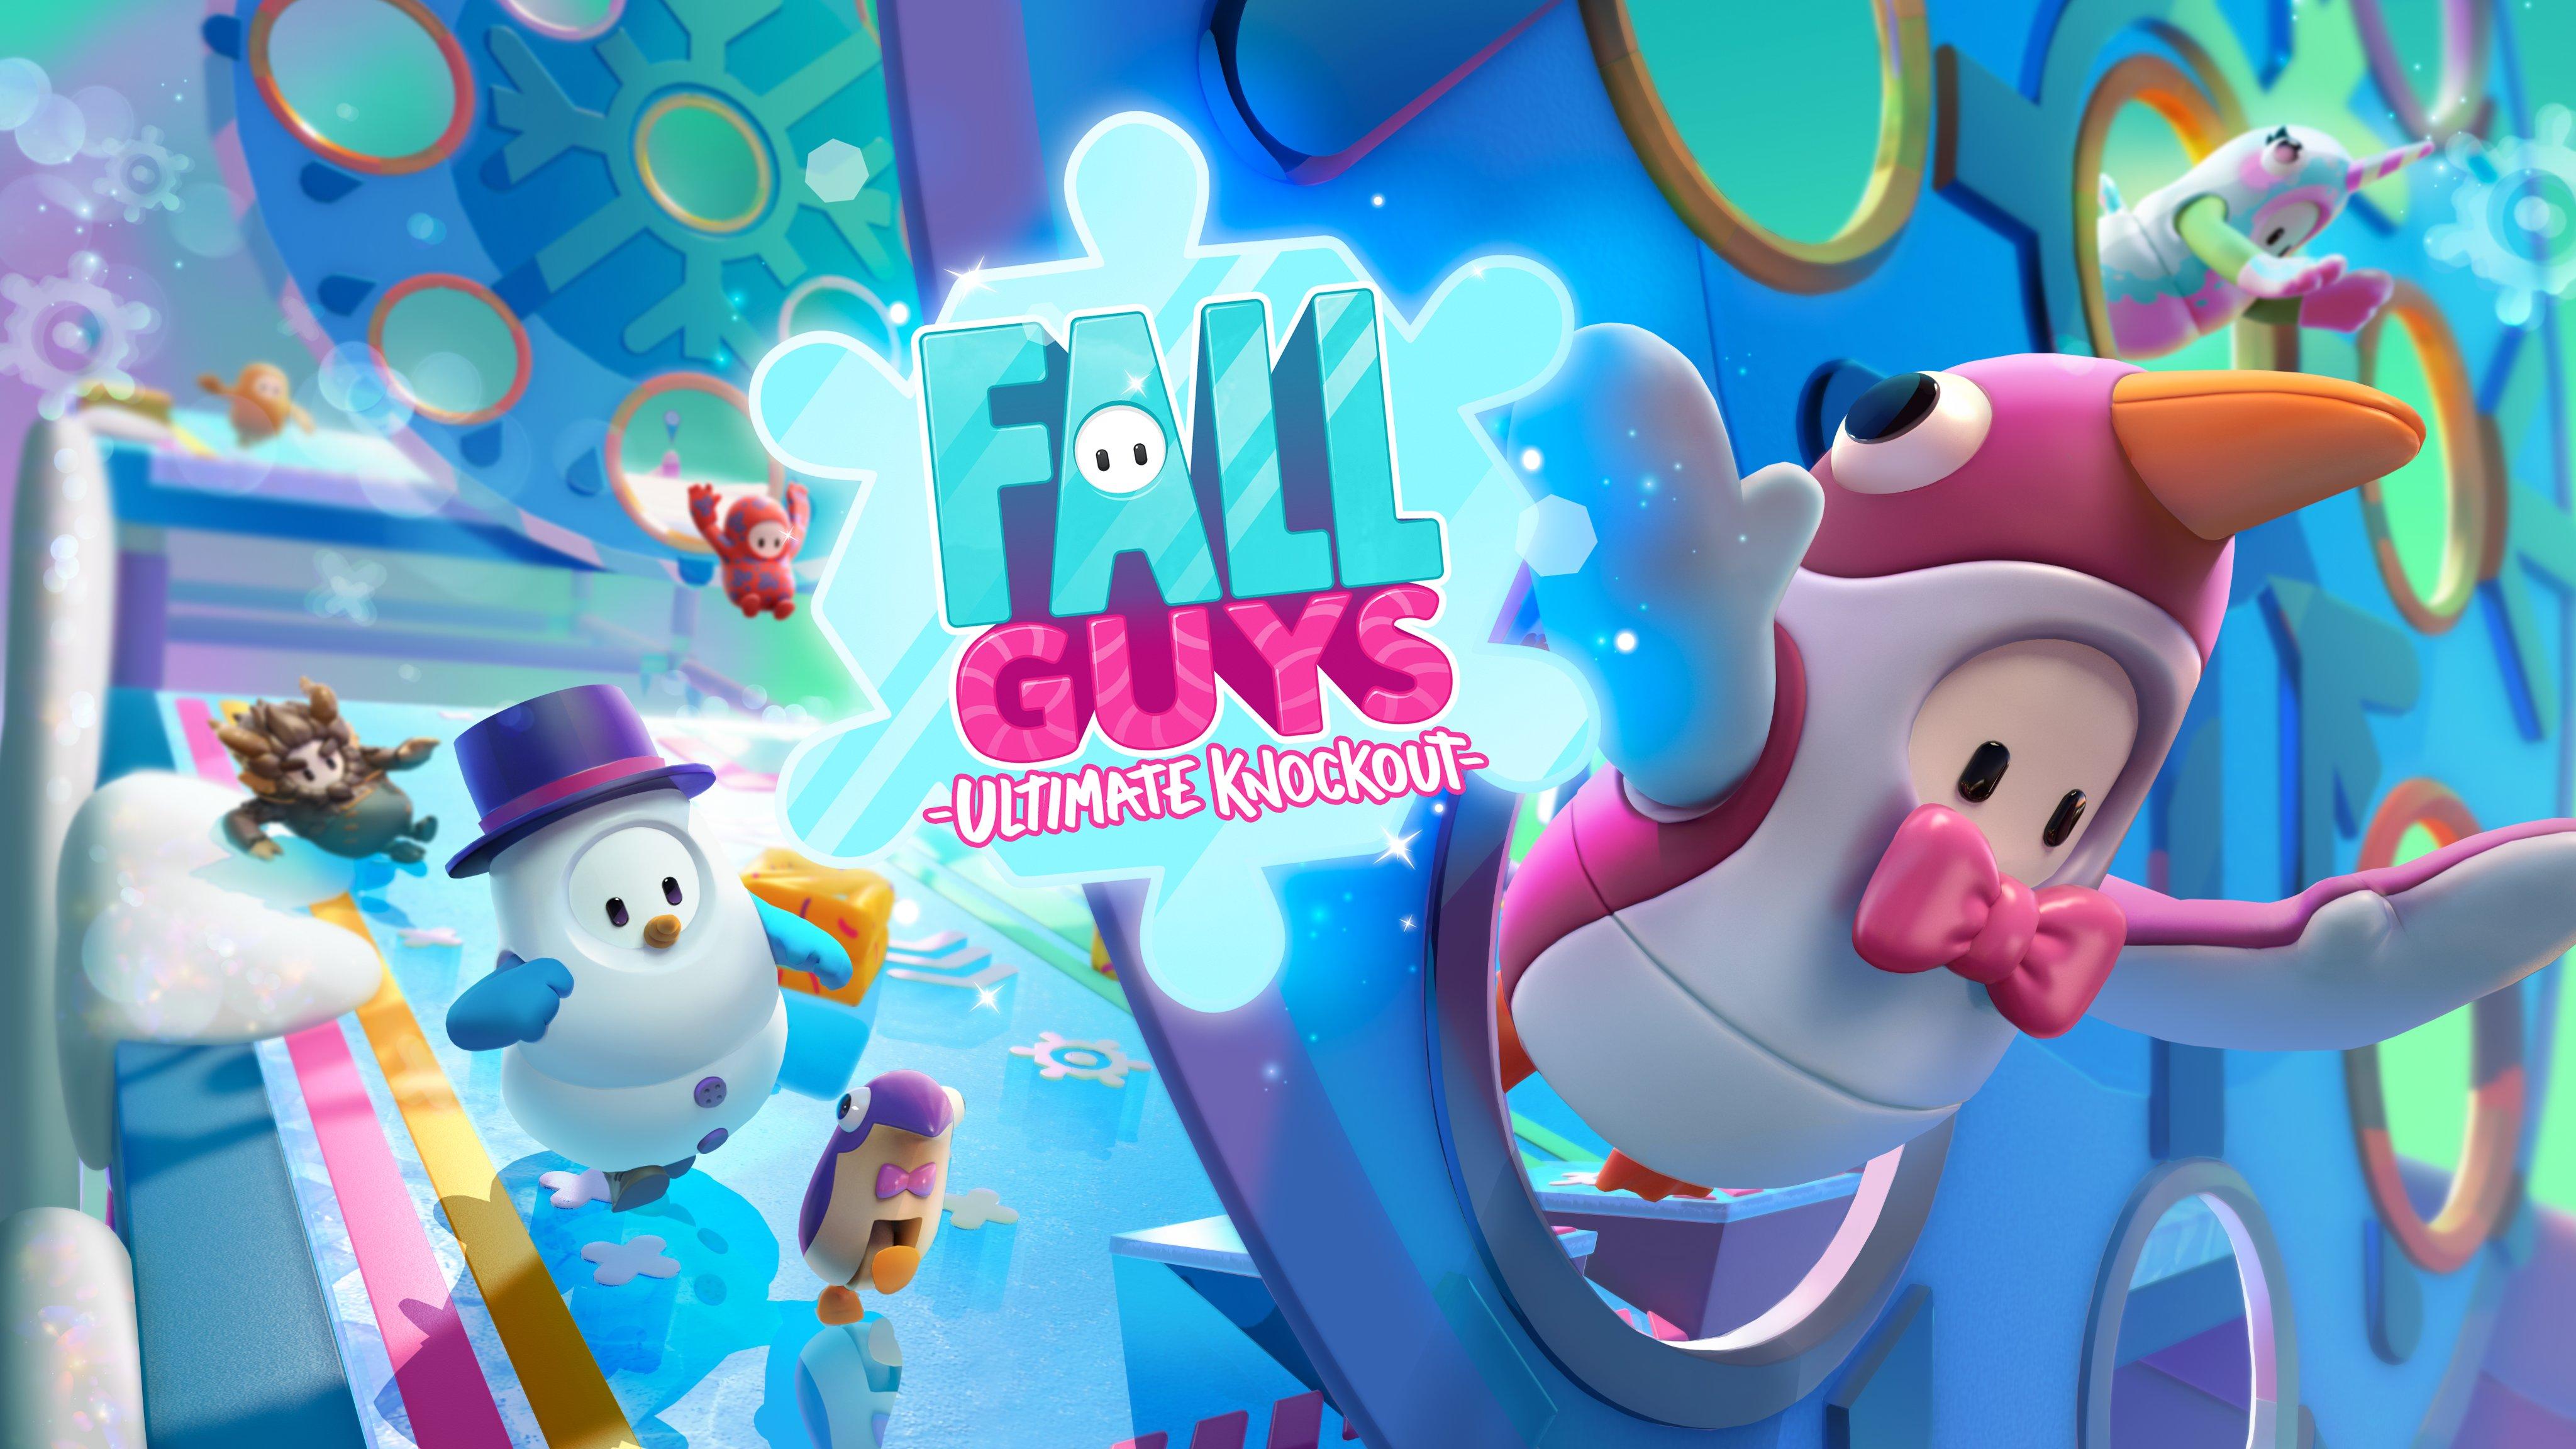 Fondos de pantalla Fall Guys Temporada 3 Ultimate Knockout 2020